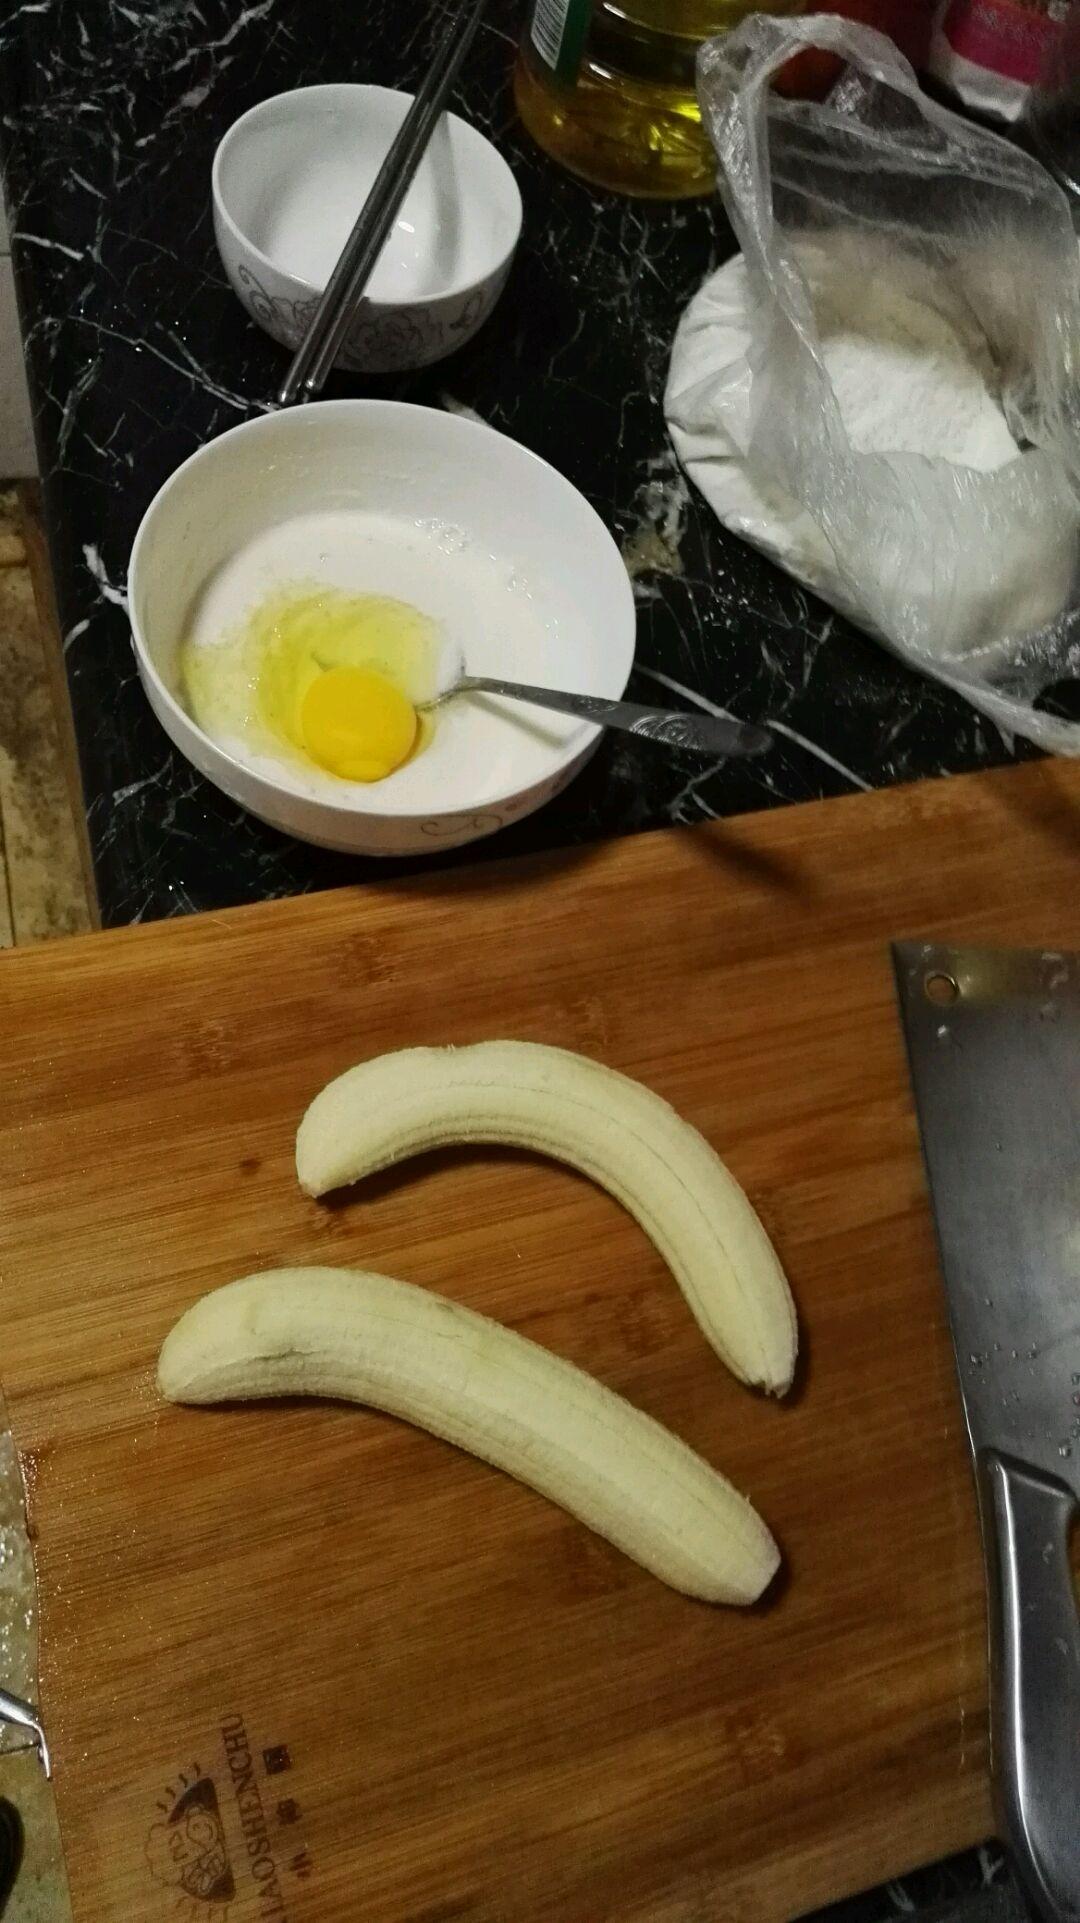 黏土香蕉的制作步骤